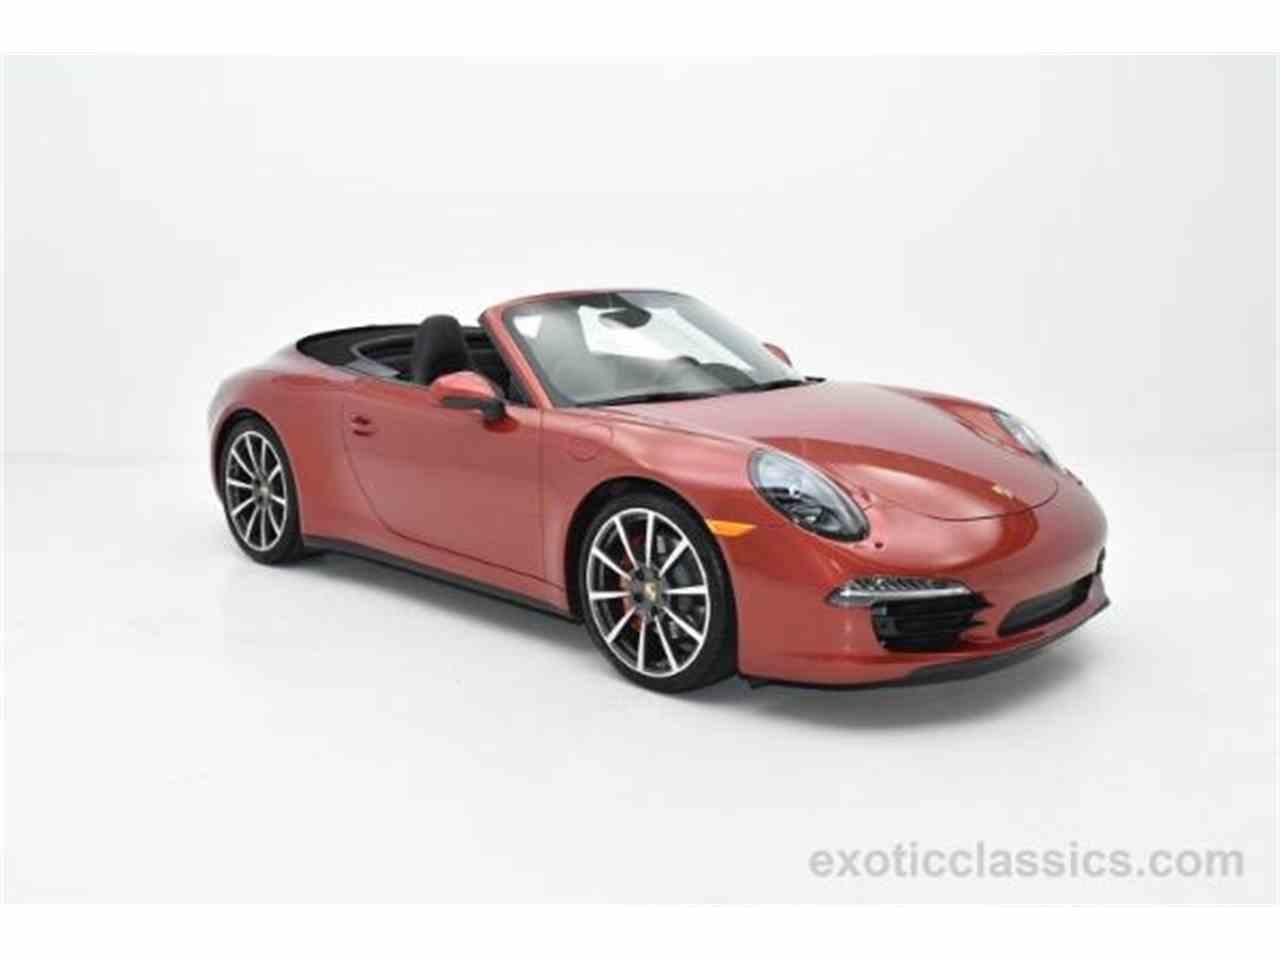 2014 Porsche 911 for Sale - CC-986726